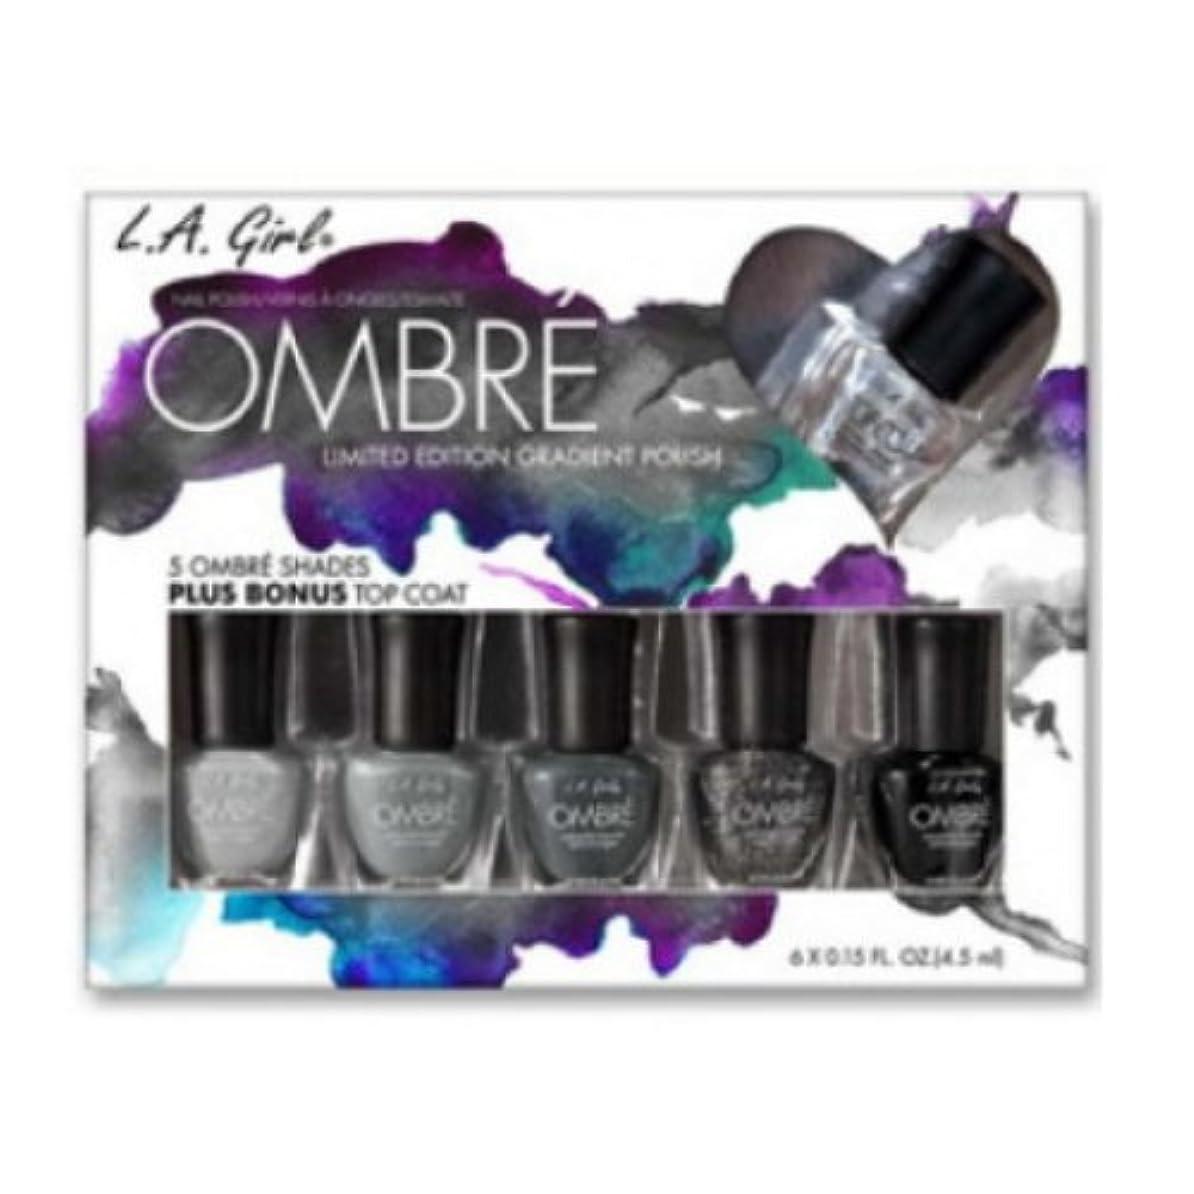 センターマグ狭い(3 Pack) L.A. GIRL Ombre Limited Edition Gradient Polish Set - Midnite (並行輸入品)